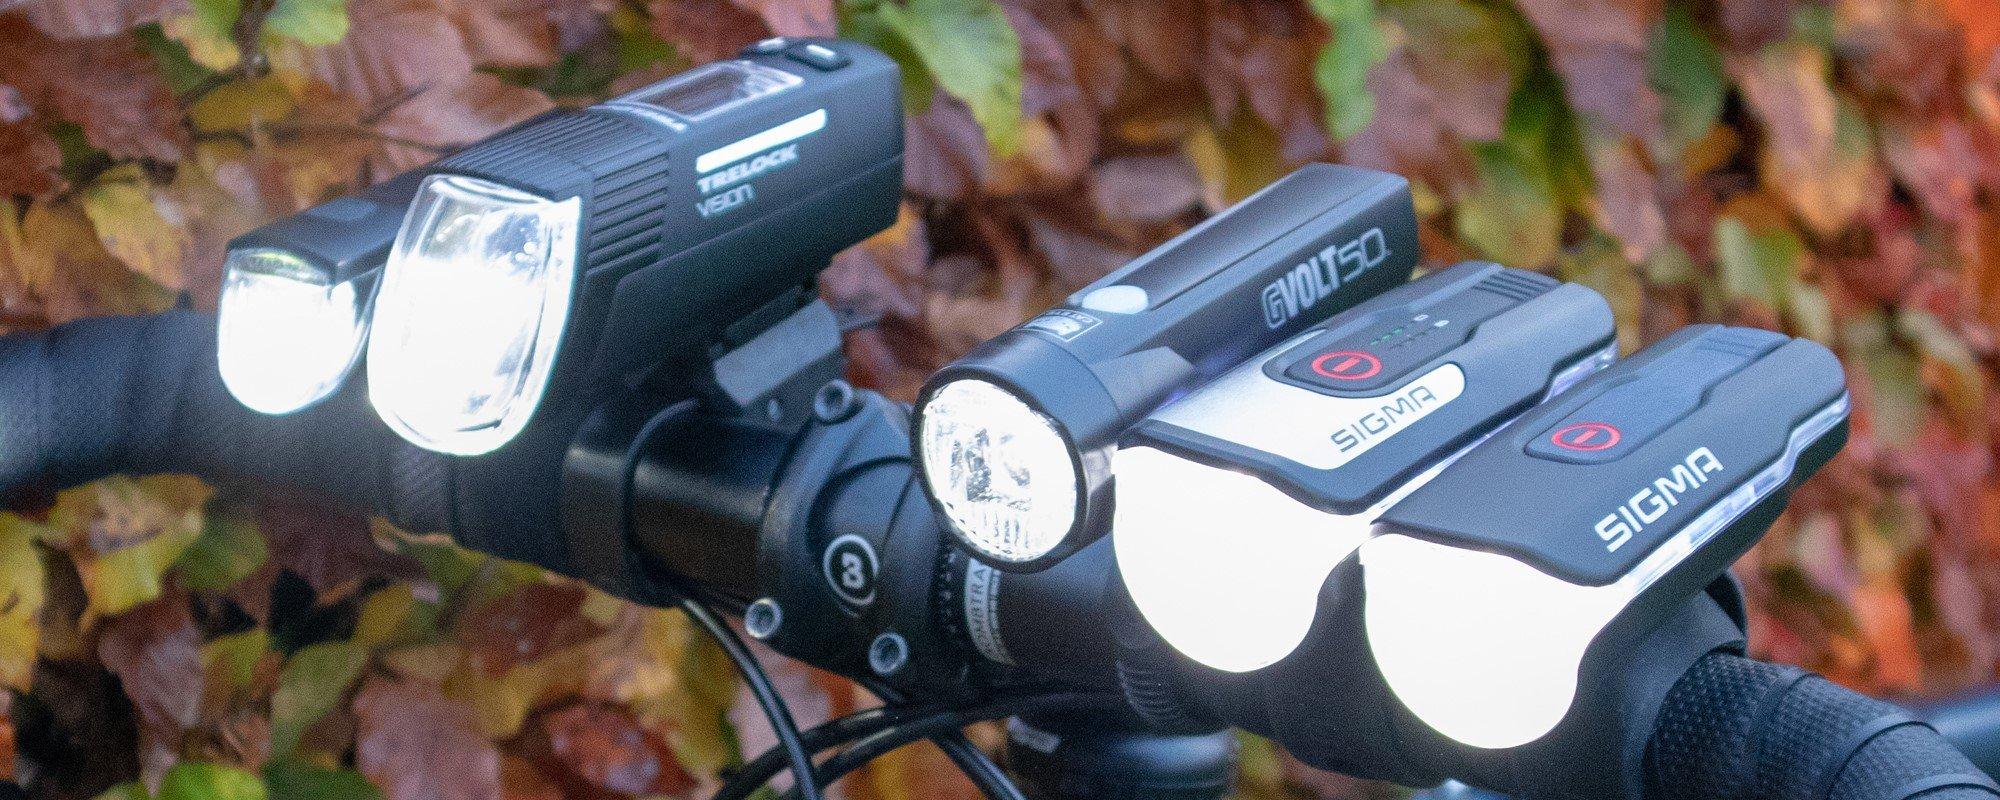 Fahrradbeleuchtung Test 2021 - Es werde Licht: 5 der besten StVZO-zertifizierten Fahrradlampen im Praxistest